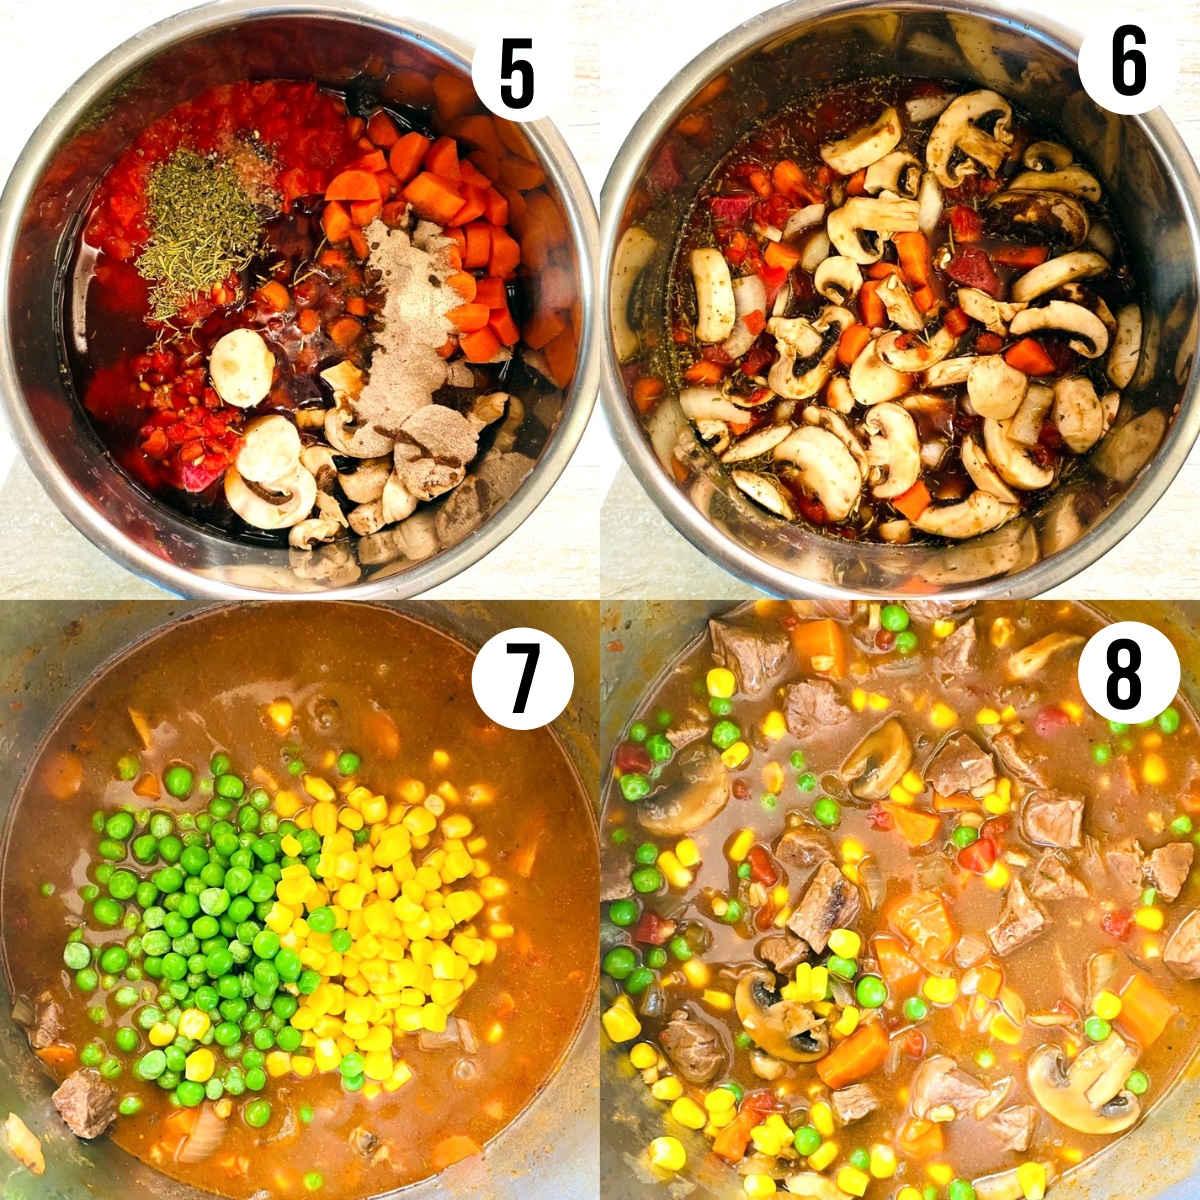 instant pot vegetable beef soup process shots 5 through 8